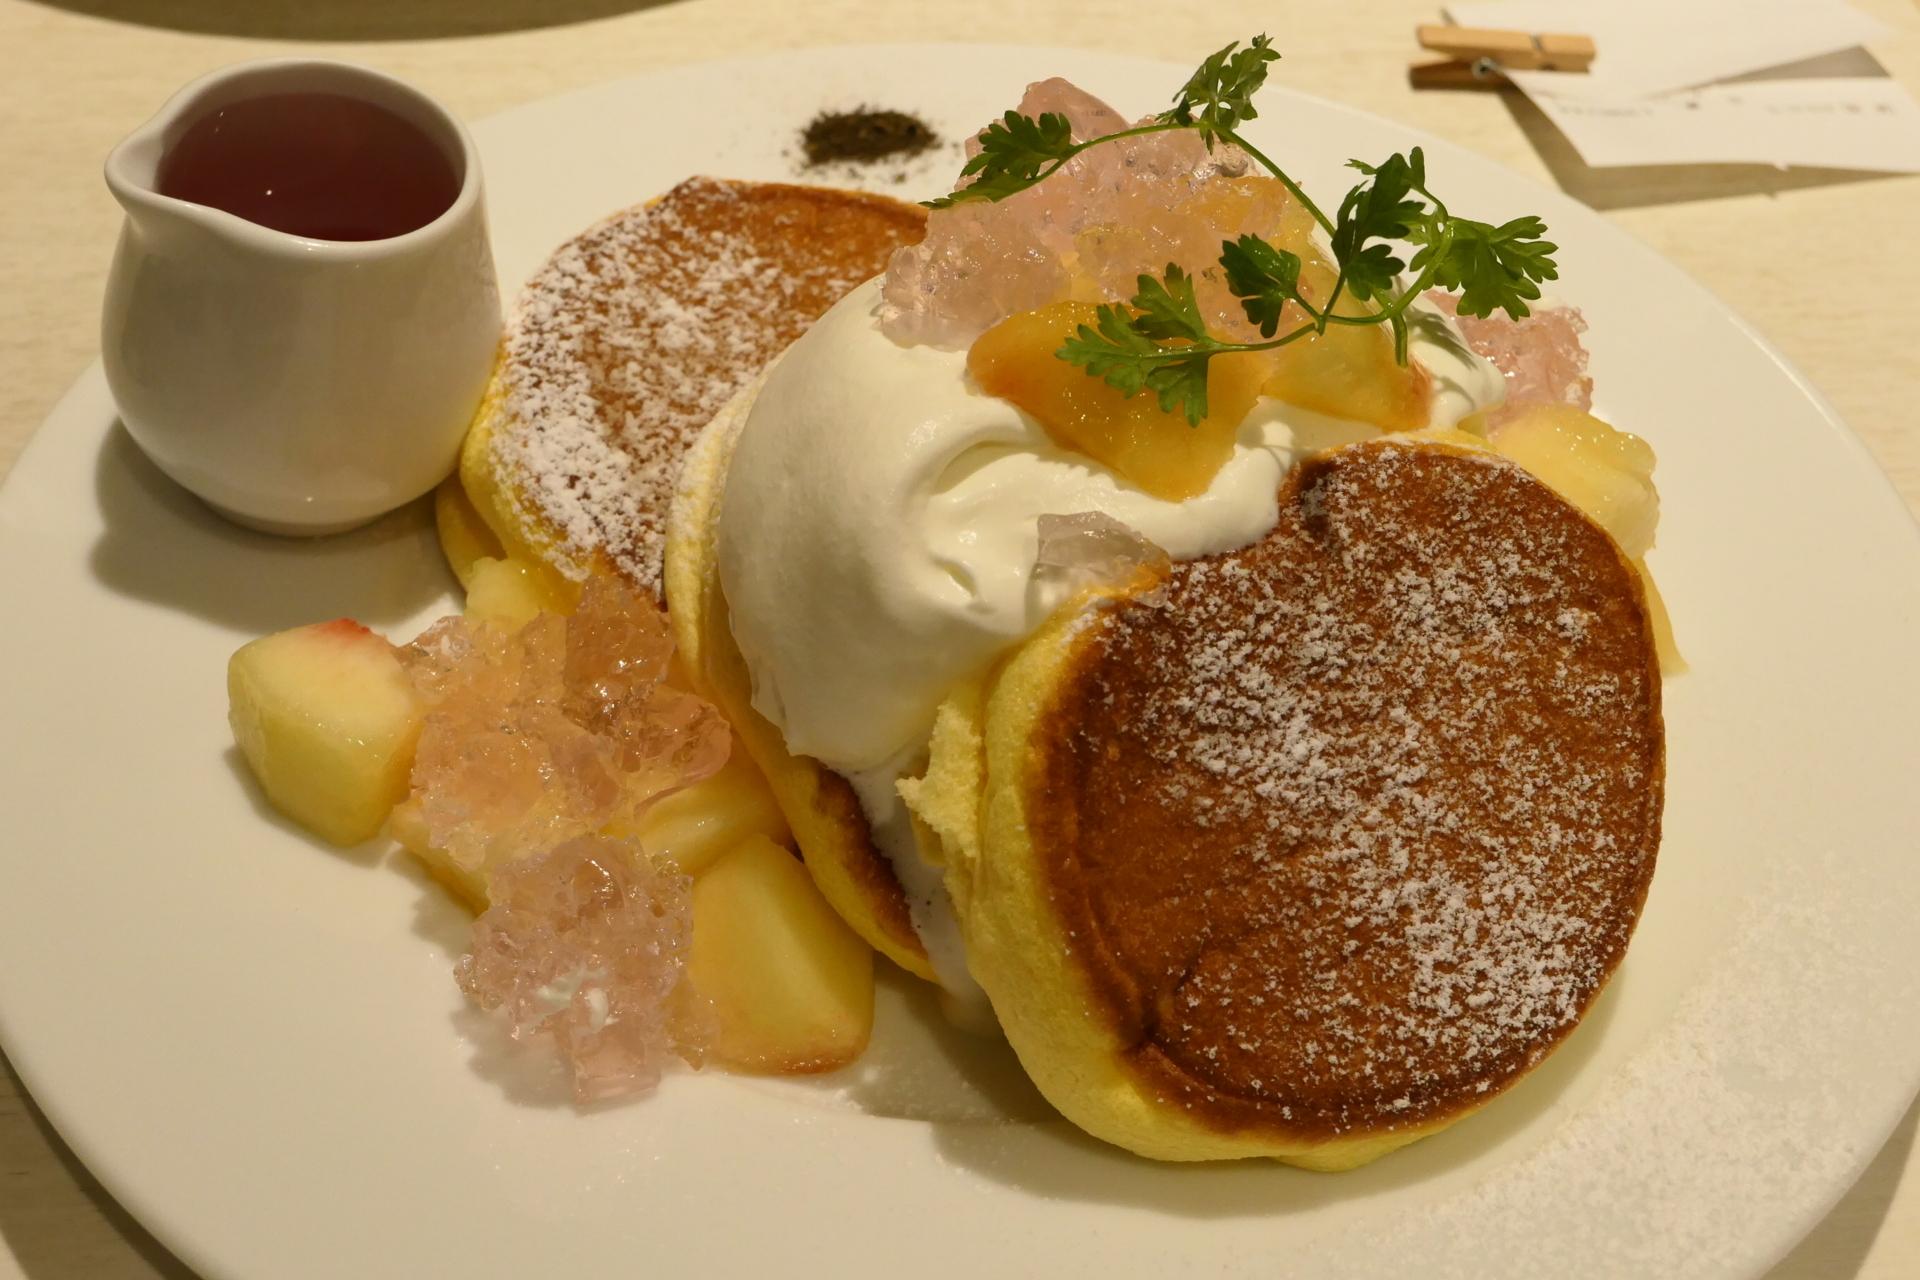 幸せのパンケーキ 白桃とローズヒップピーチのパンケーキ